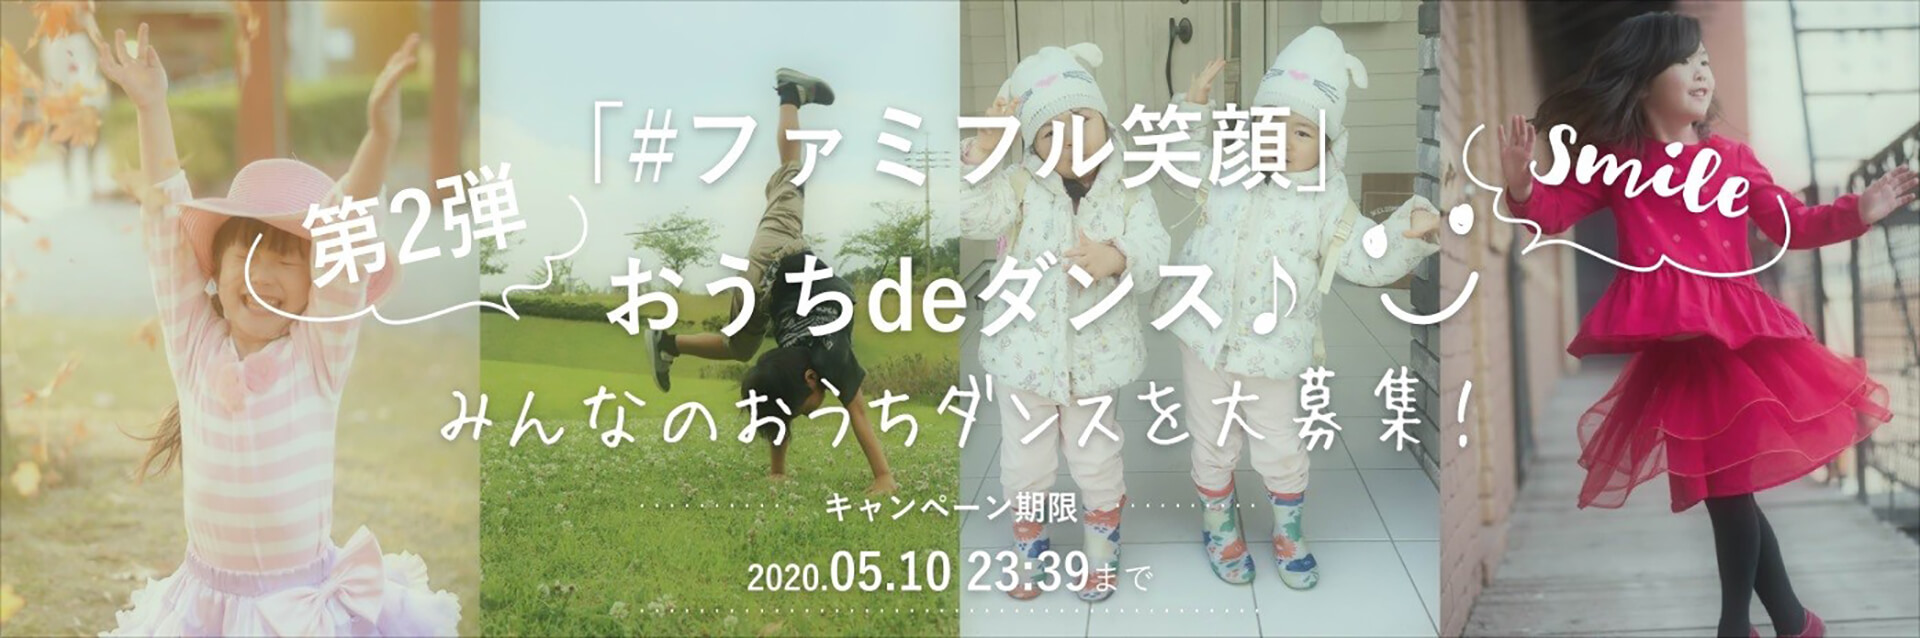 Famiful「おうちdeダンス♪」バナー